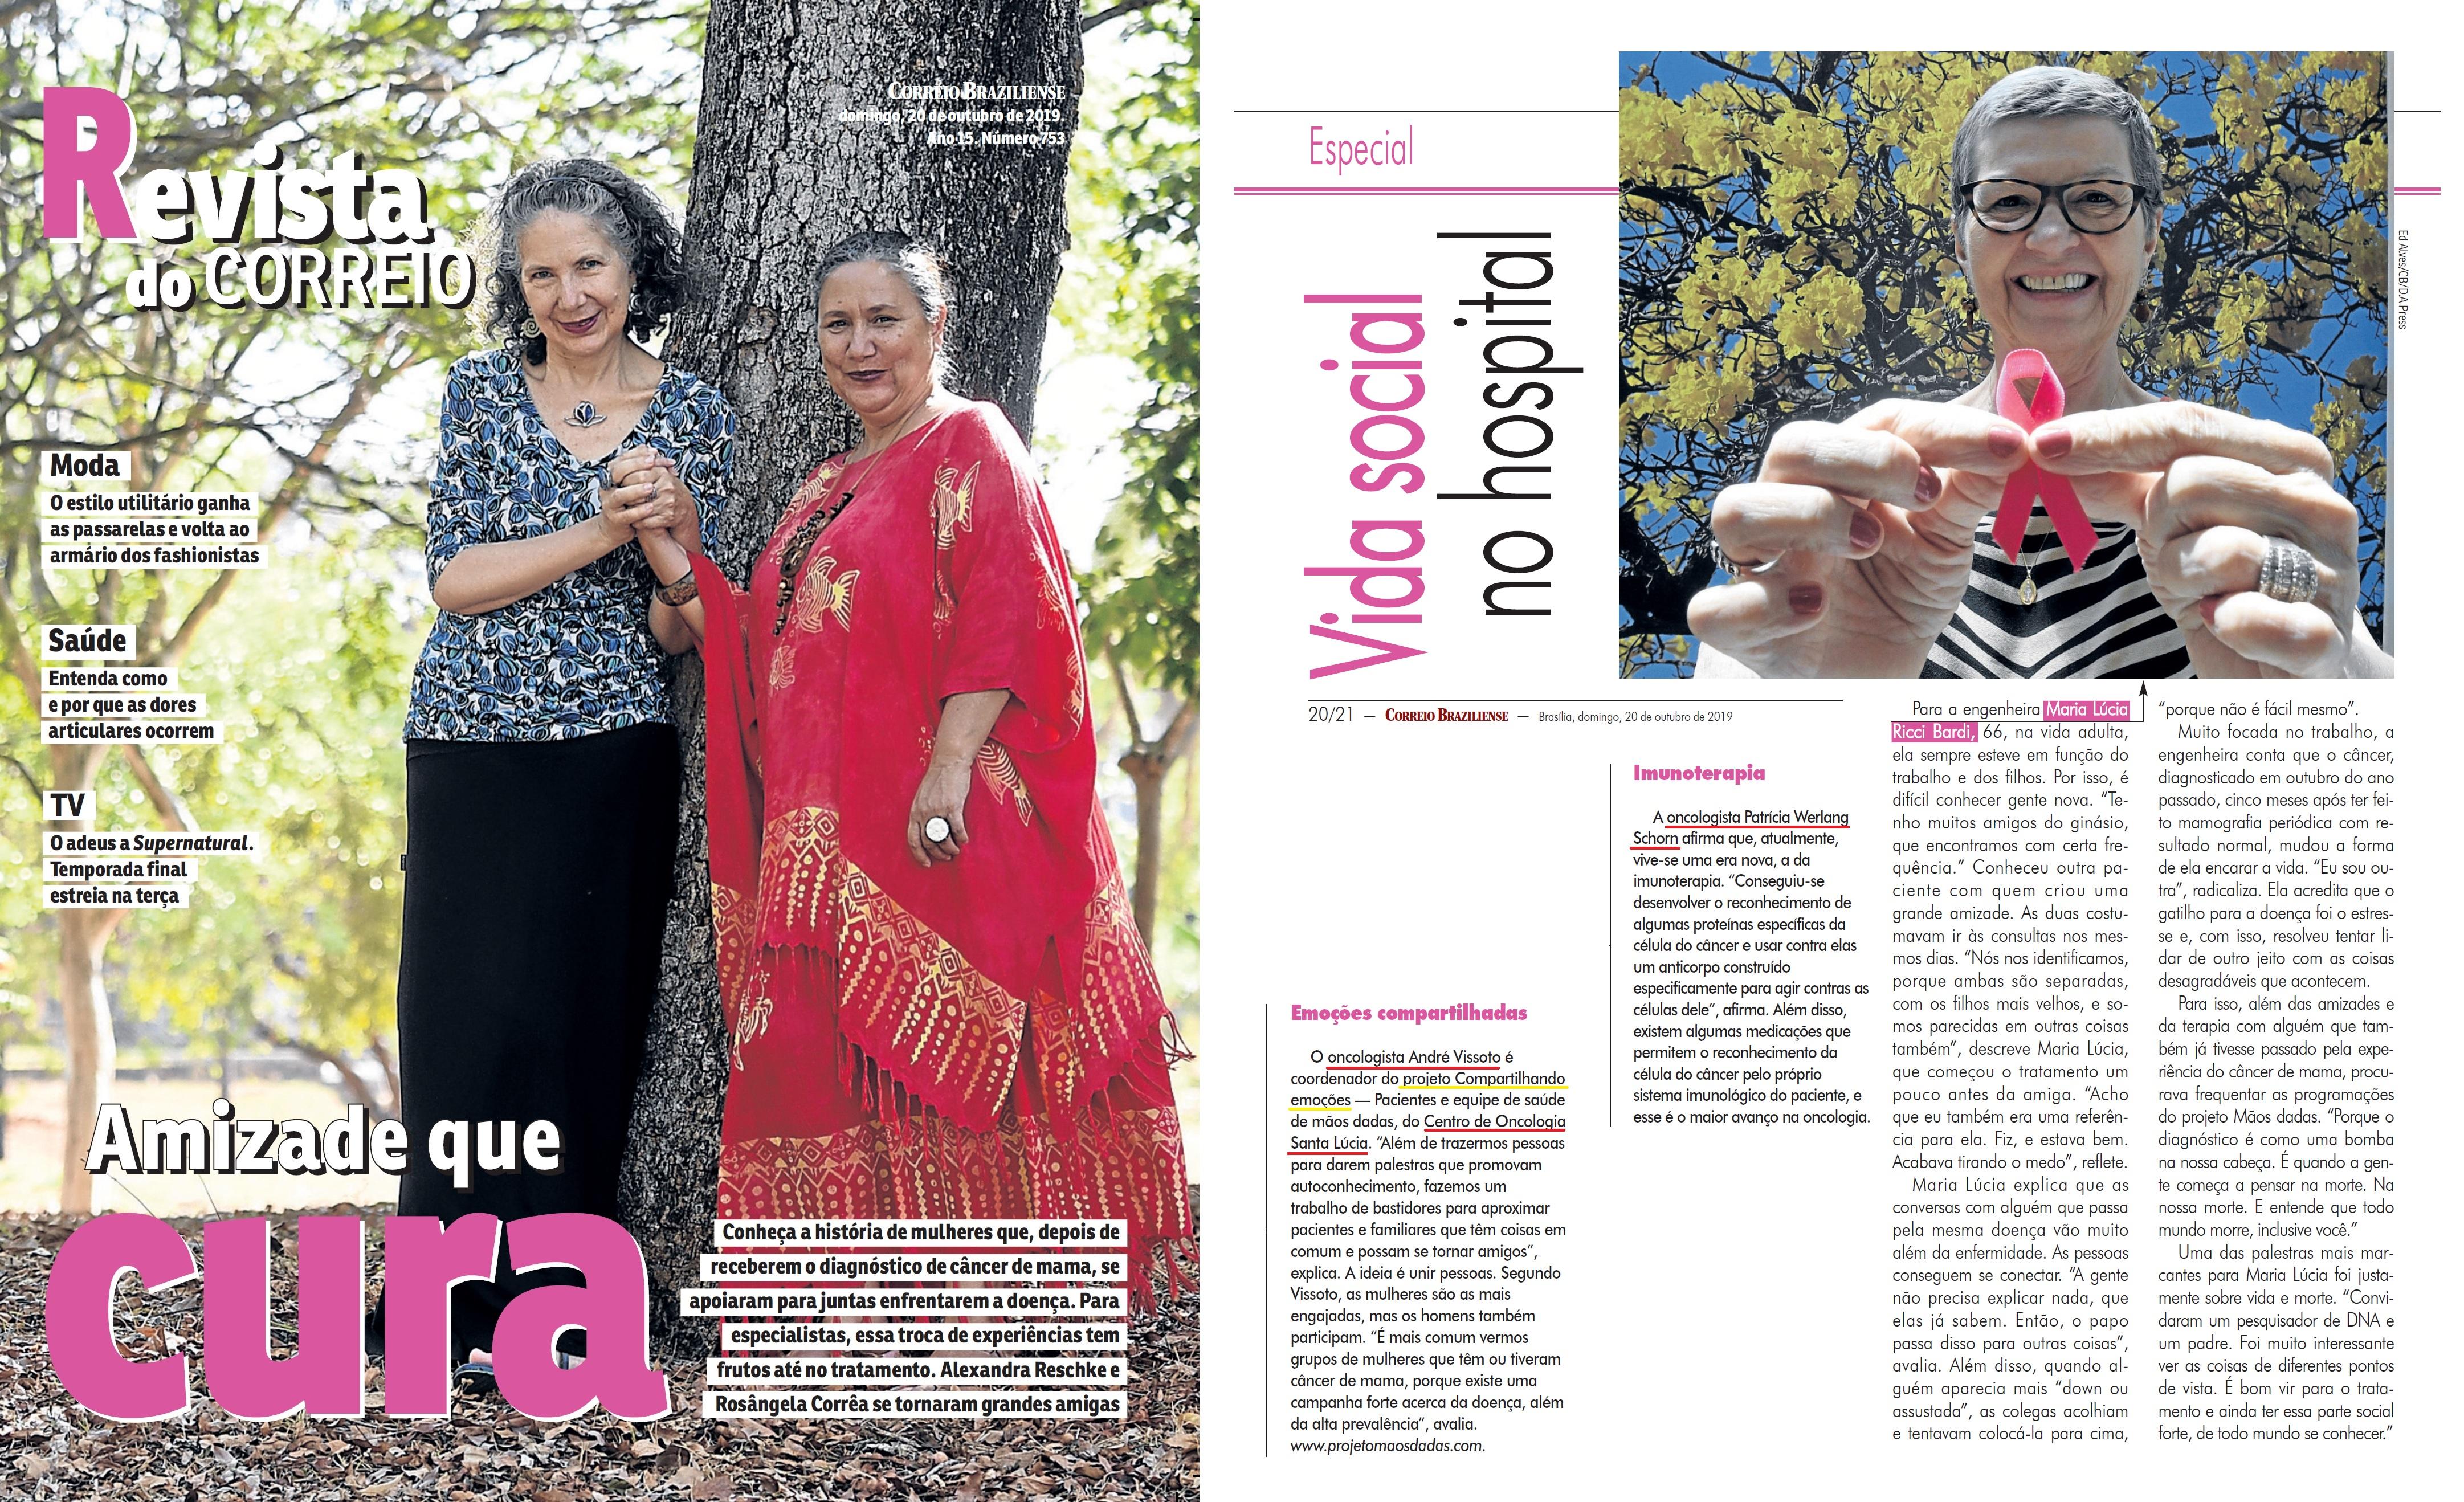 Revista do Correio - Outubro Rosa HSLS - 21-10-2019